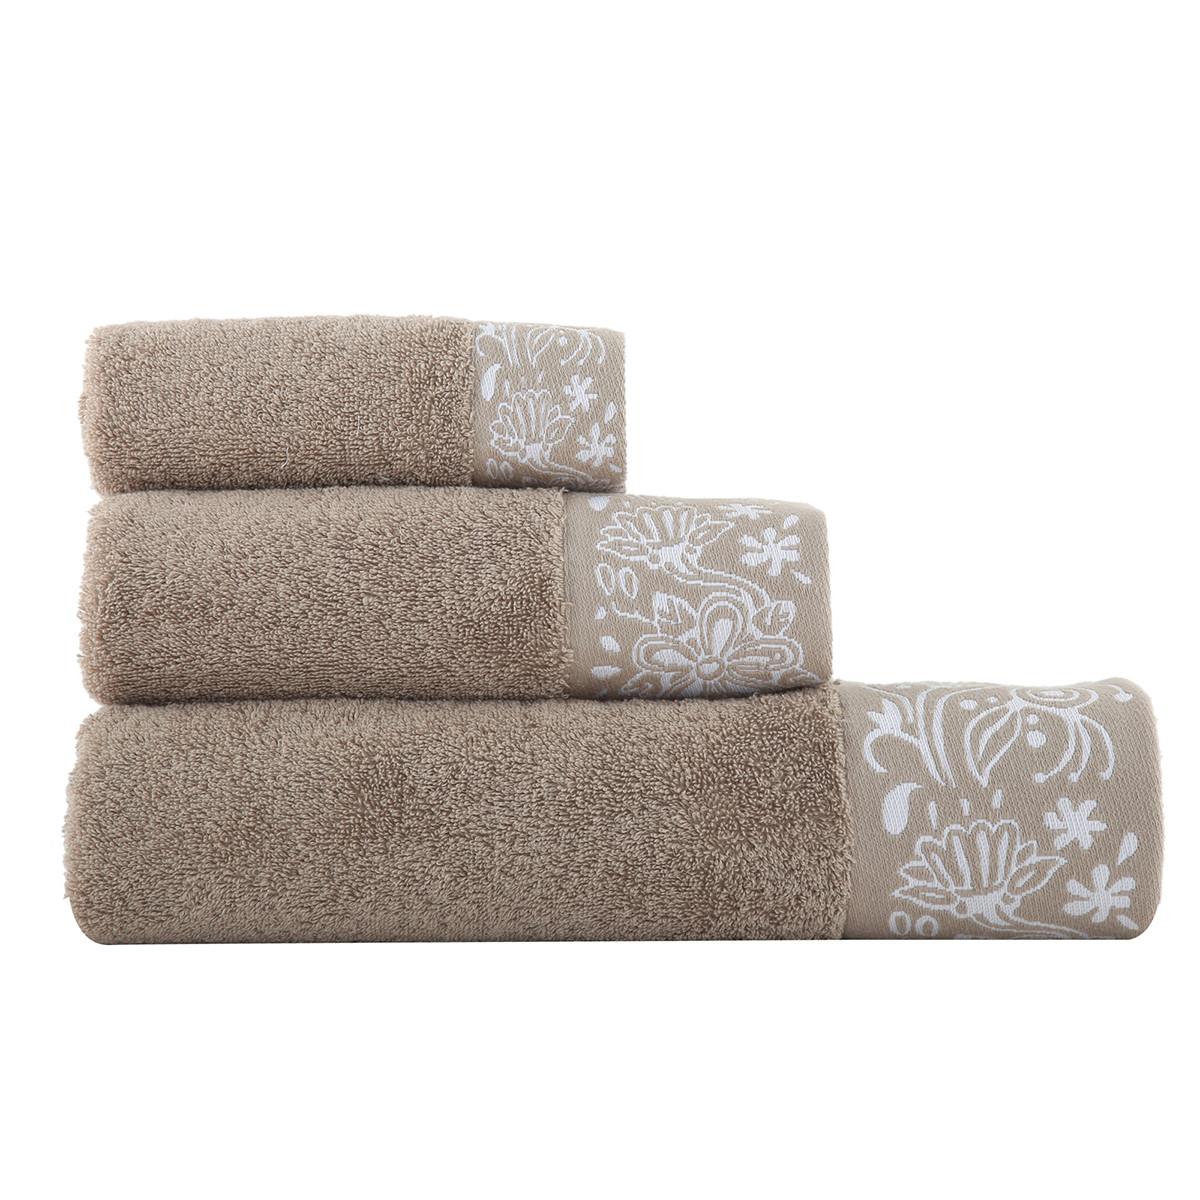 Πετσέτα Προσώπου (50x90) Nef-Nef Semplice home   μπάνιο   πετσέτες μπάνιου